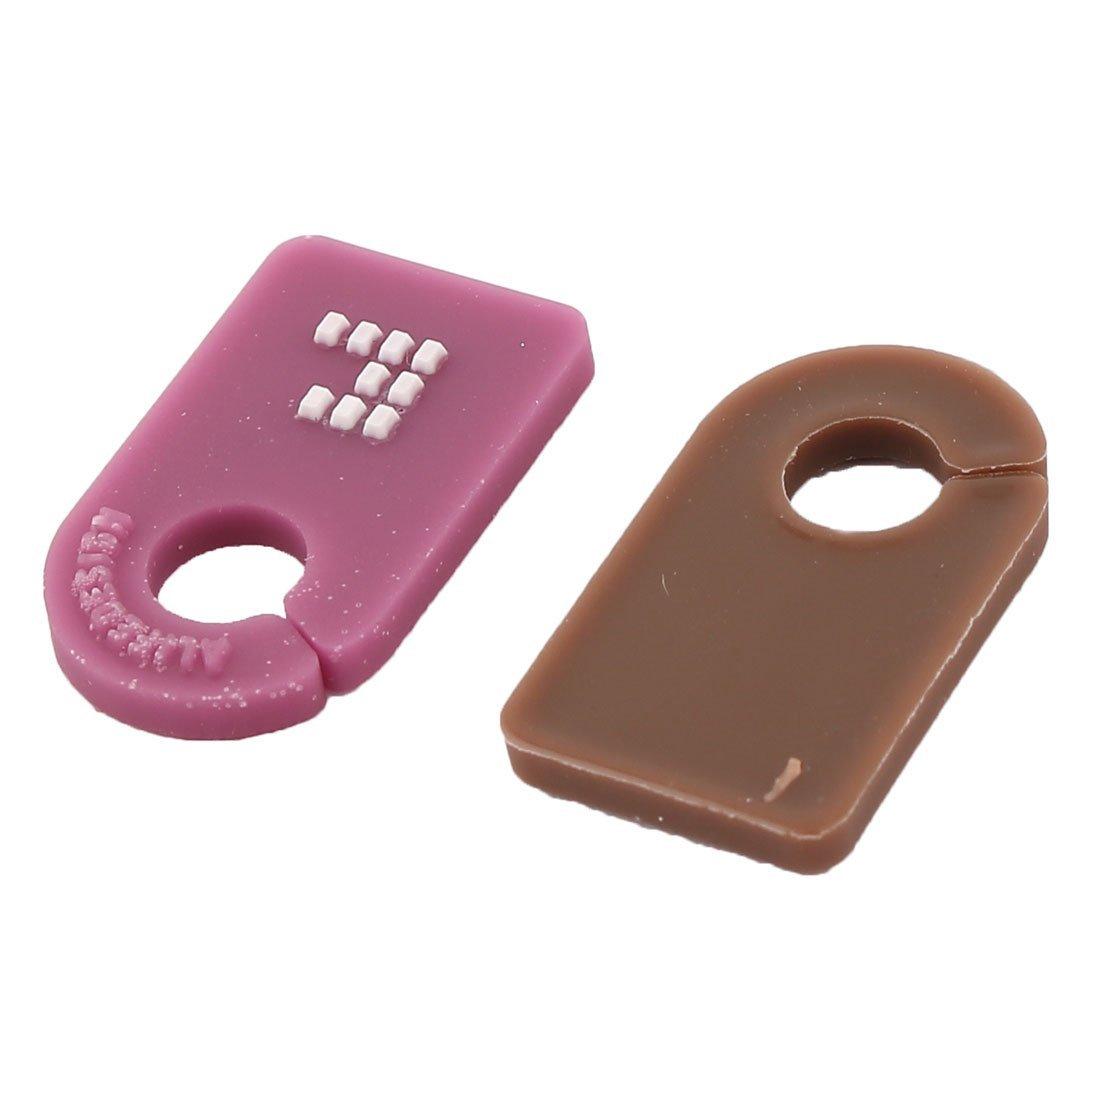 Gestor de alambre eDealMax Home Office cable Identificador clips de cordón etiqueta de la etiqueta 6pcs multicolor - - Amazon.com